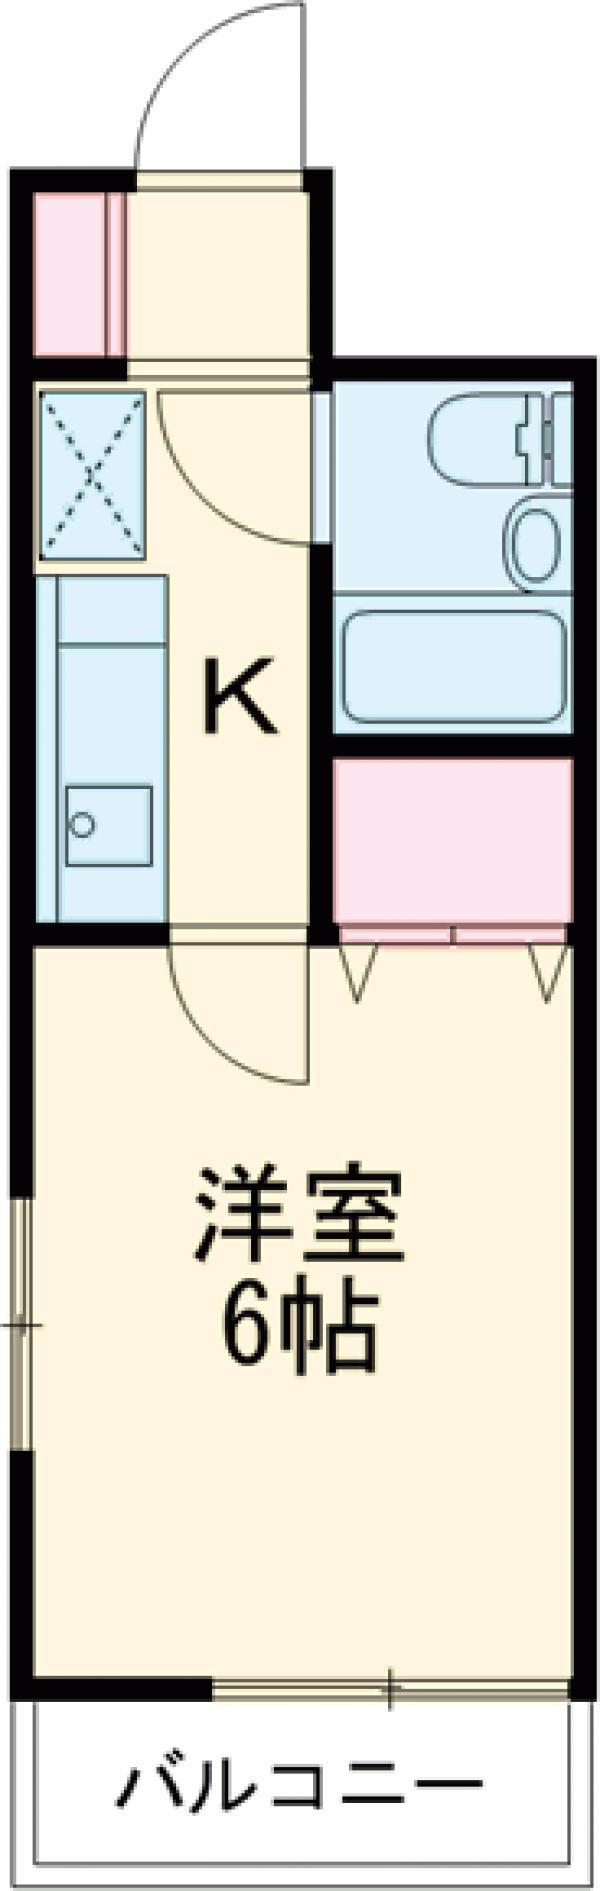 上板橋ダイカンプラザシティⅡ 209号室の間取り